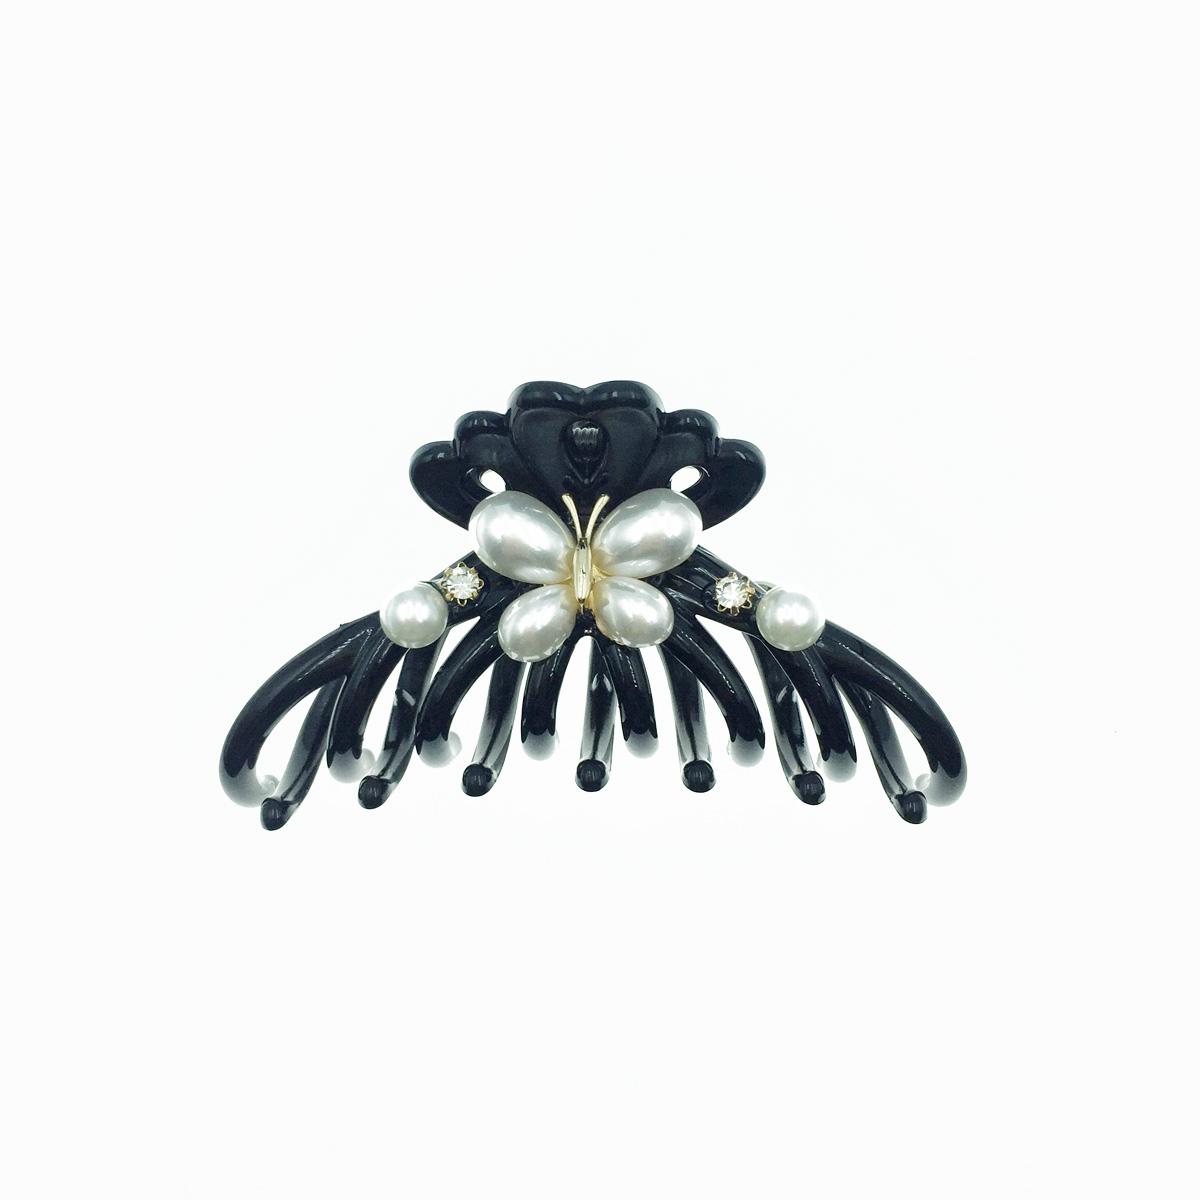 韓國 蝴蝶造型珍珠 水鑽 大鯊魚夾 髮夾 髮飾